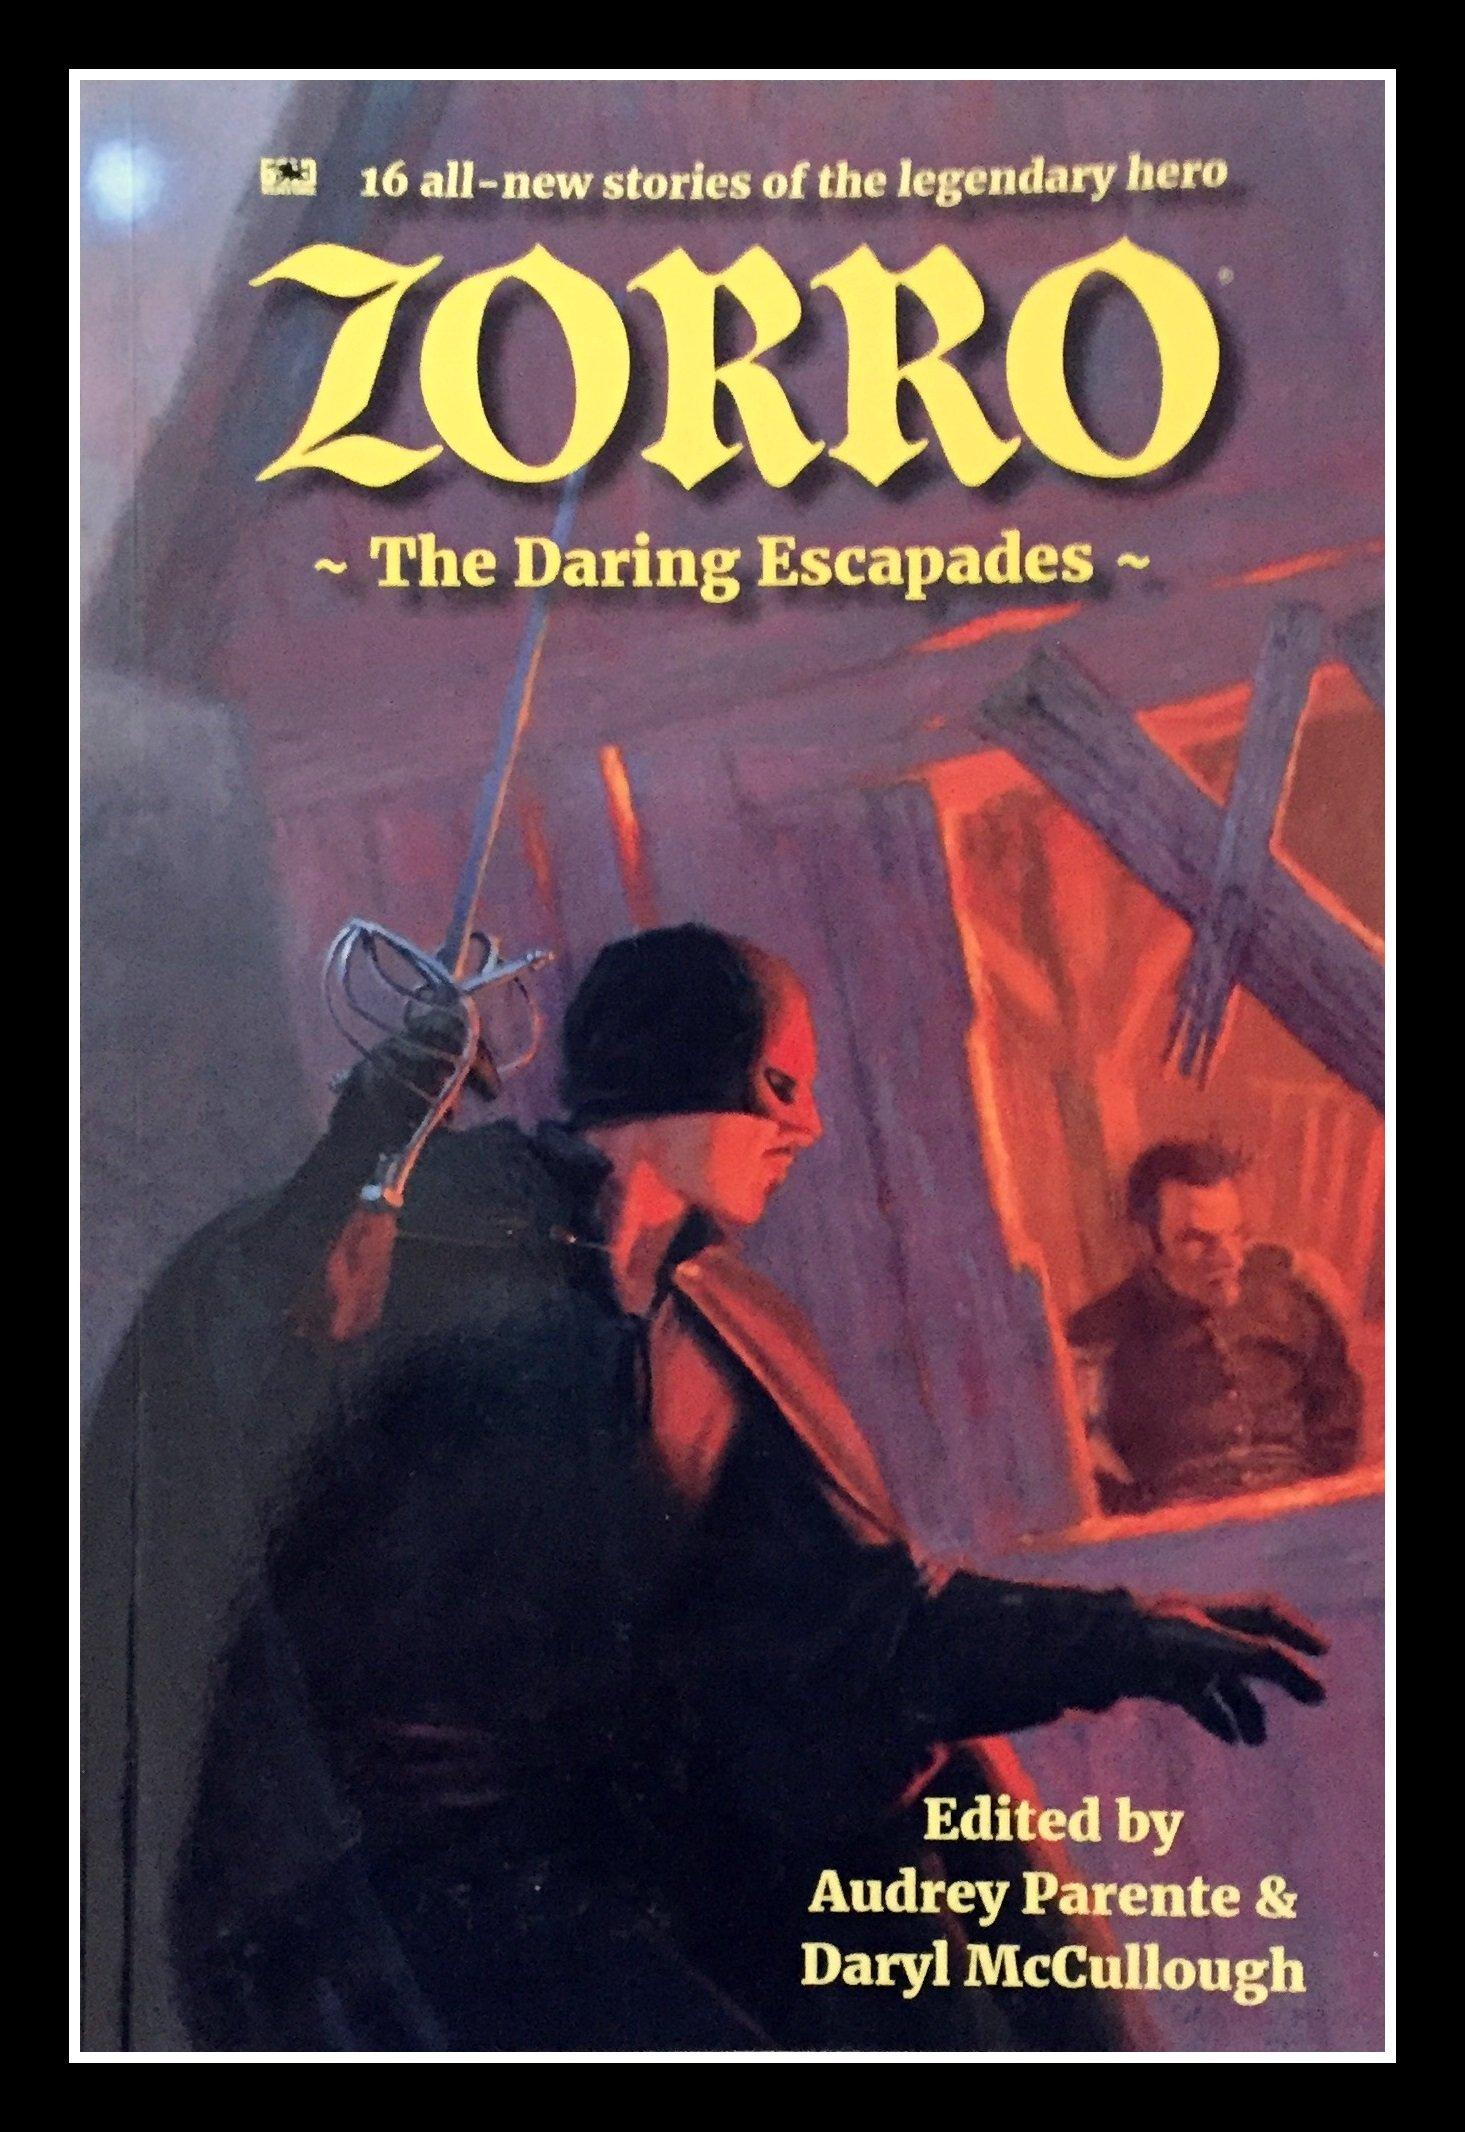 Zorro book cover